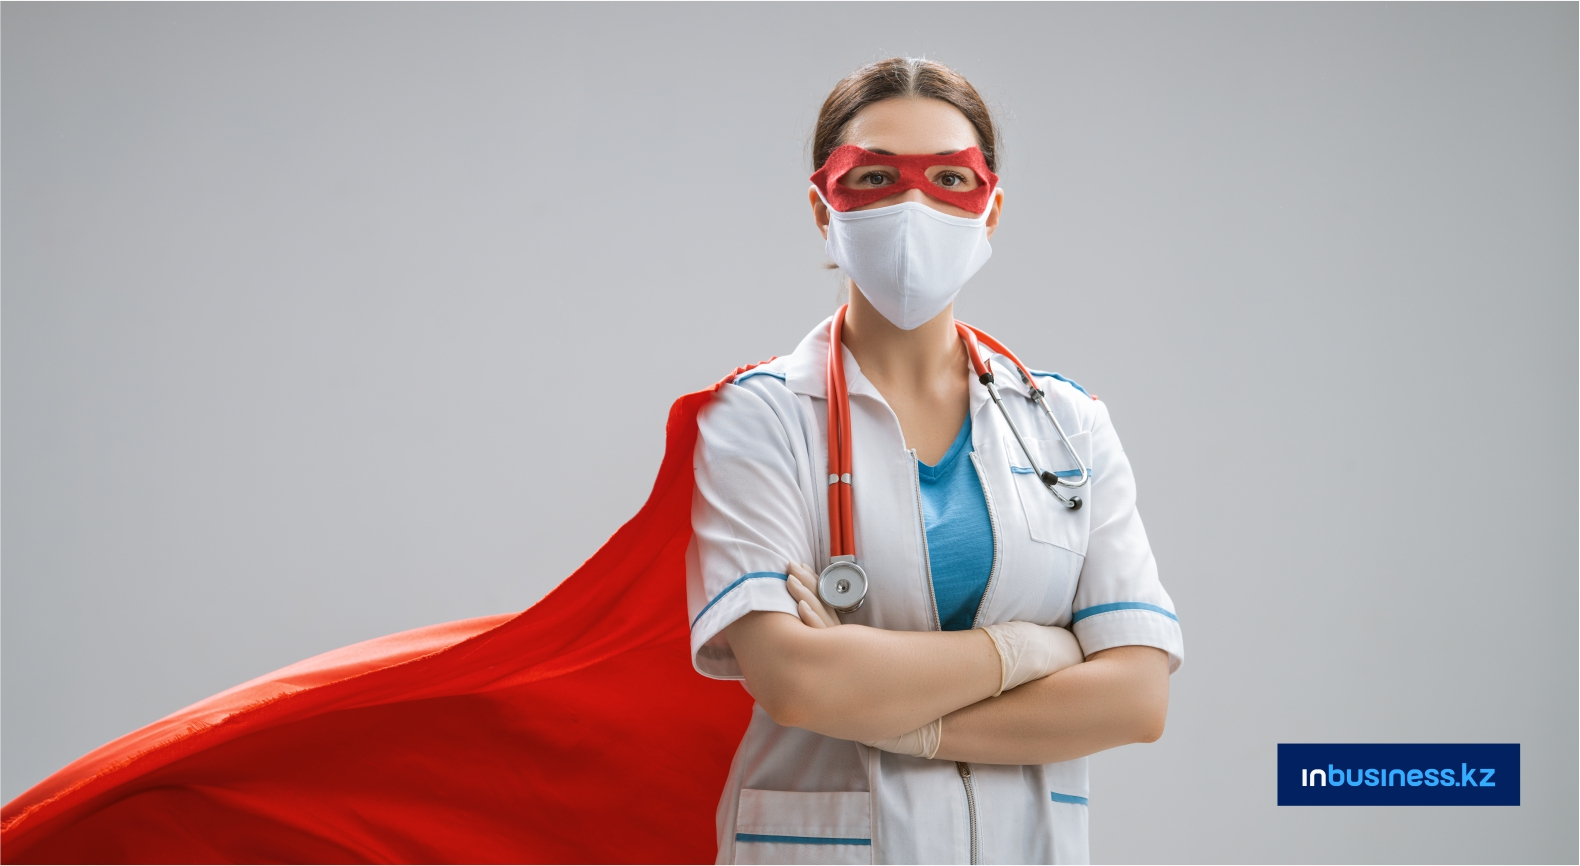 День медицинского работника празднуют в Казахстане